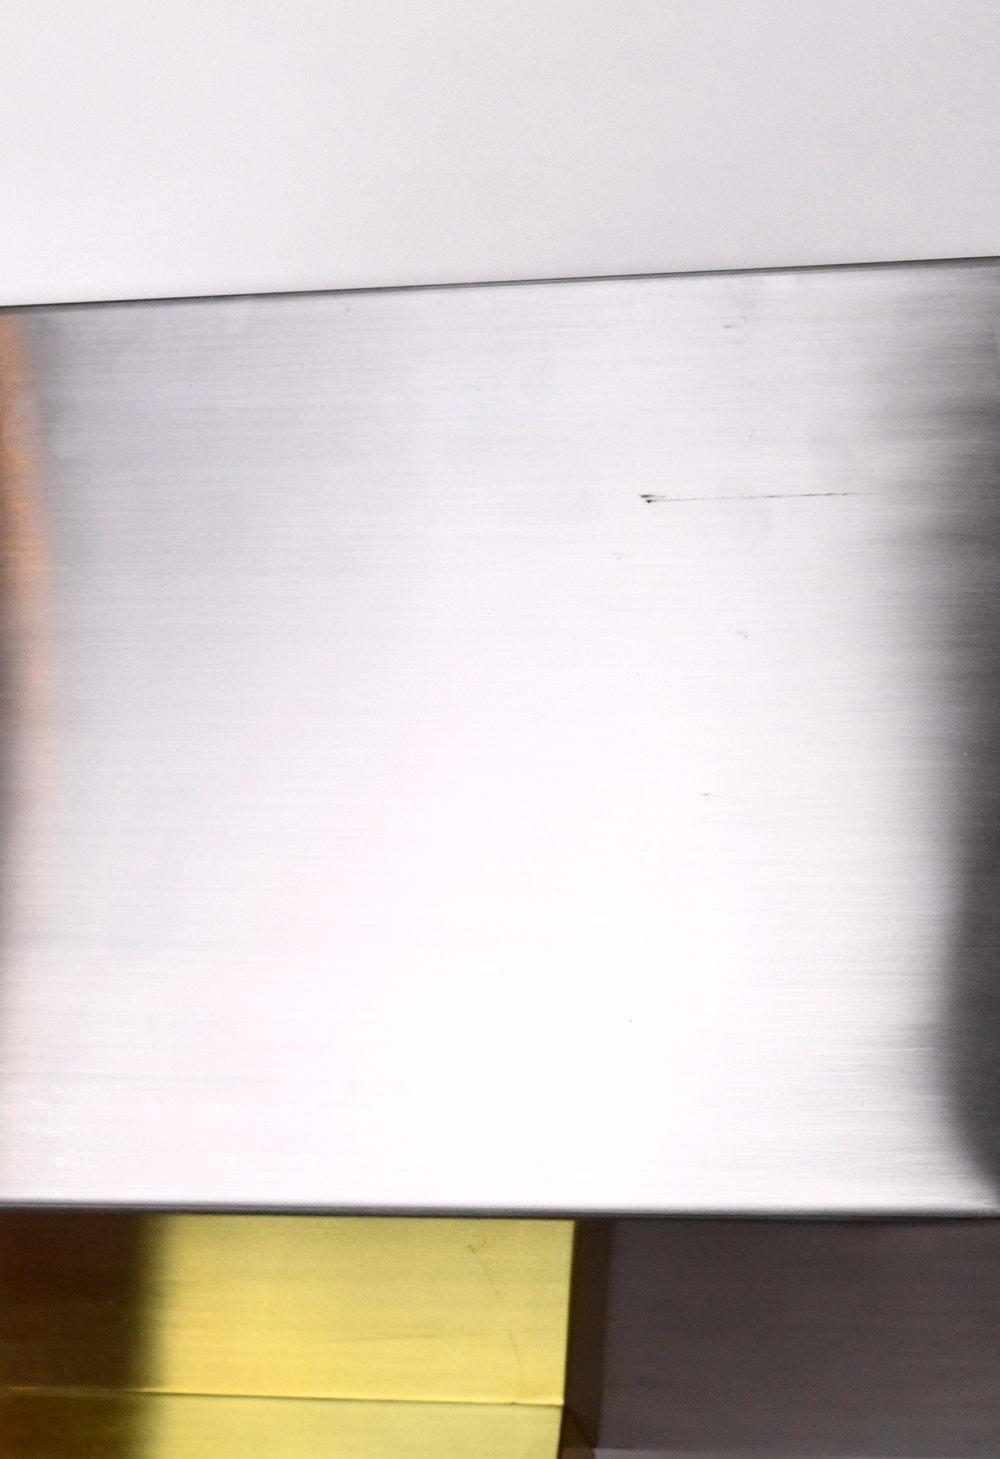 47579 modern sculptural wall fixture abstract.jpg